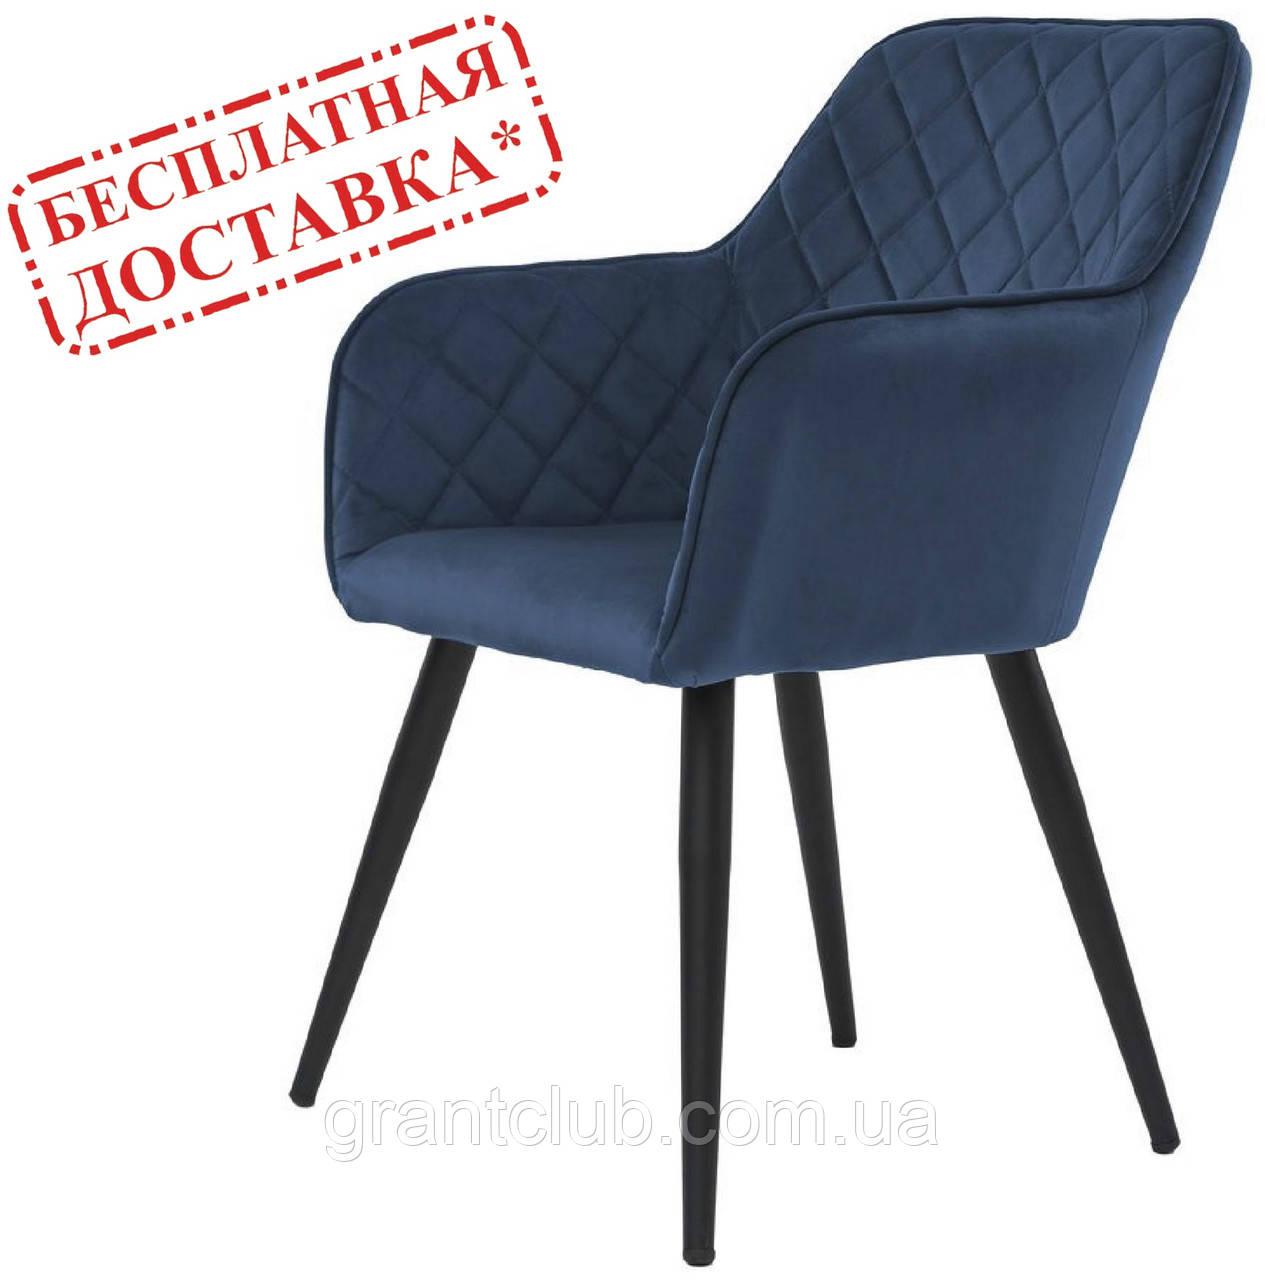 Крісло обідній ANTIBA (Антиба) опівнічний синій велюр Concepto (безкоштовна доставка)